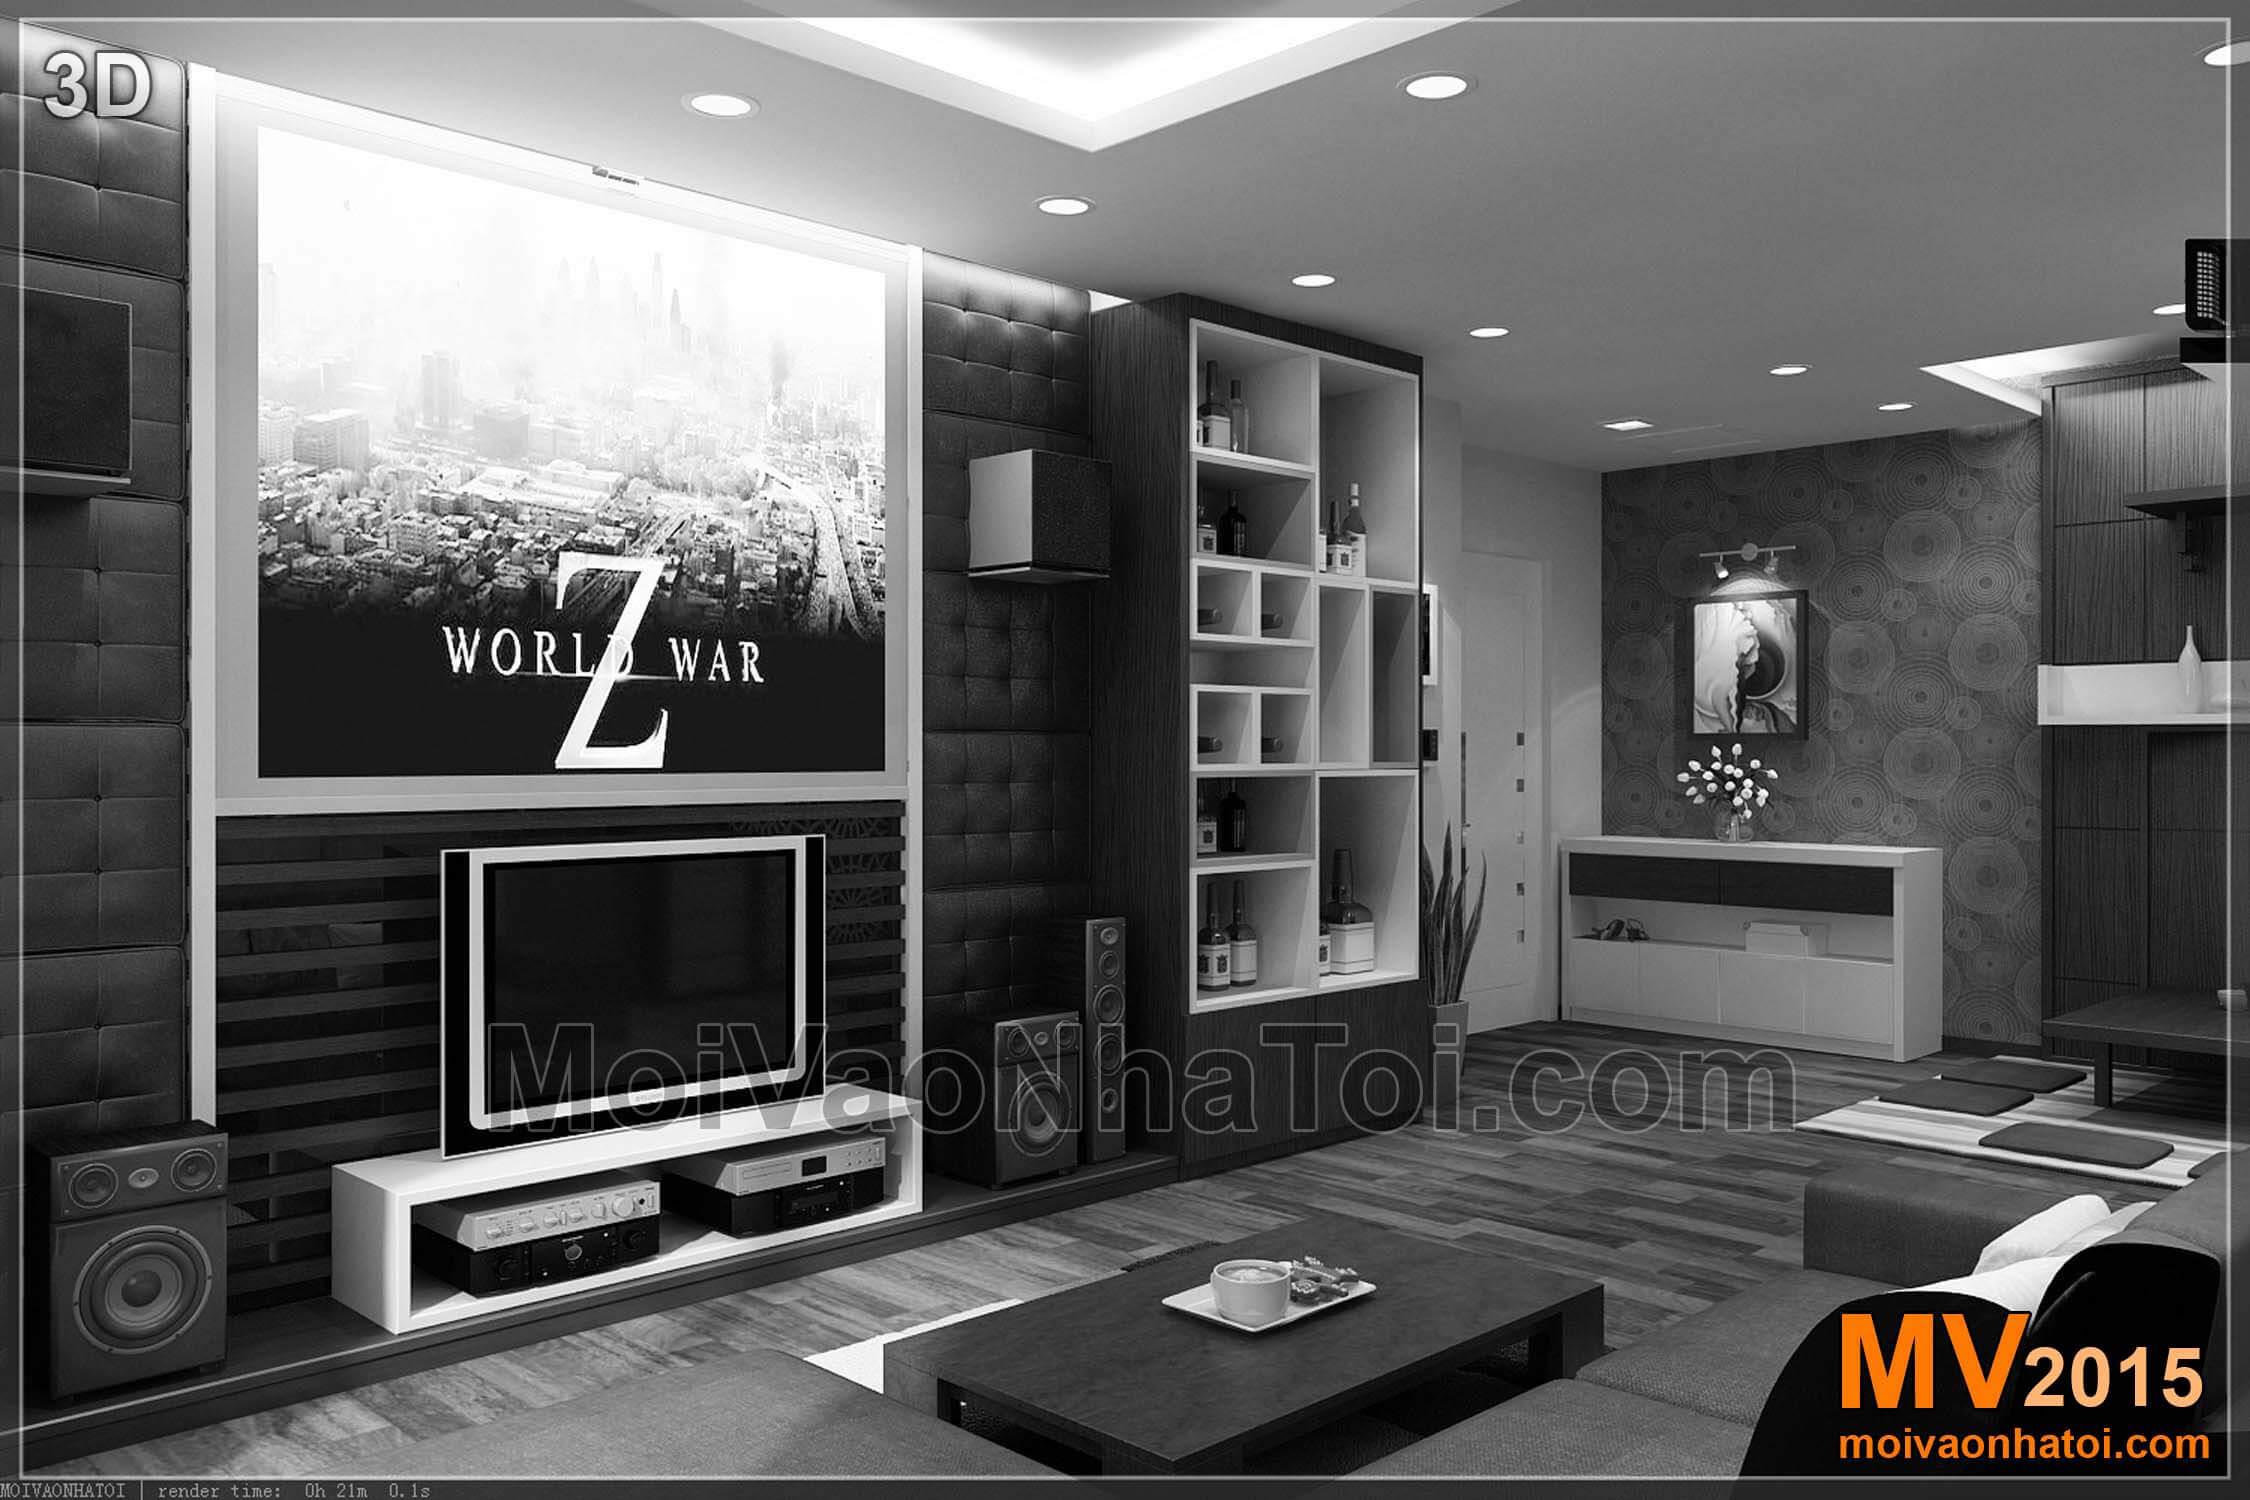 Hình ảnh 3D và hiện trạng phòng khách